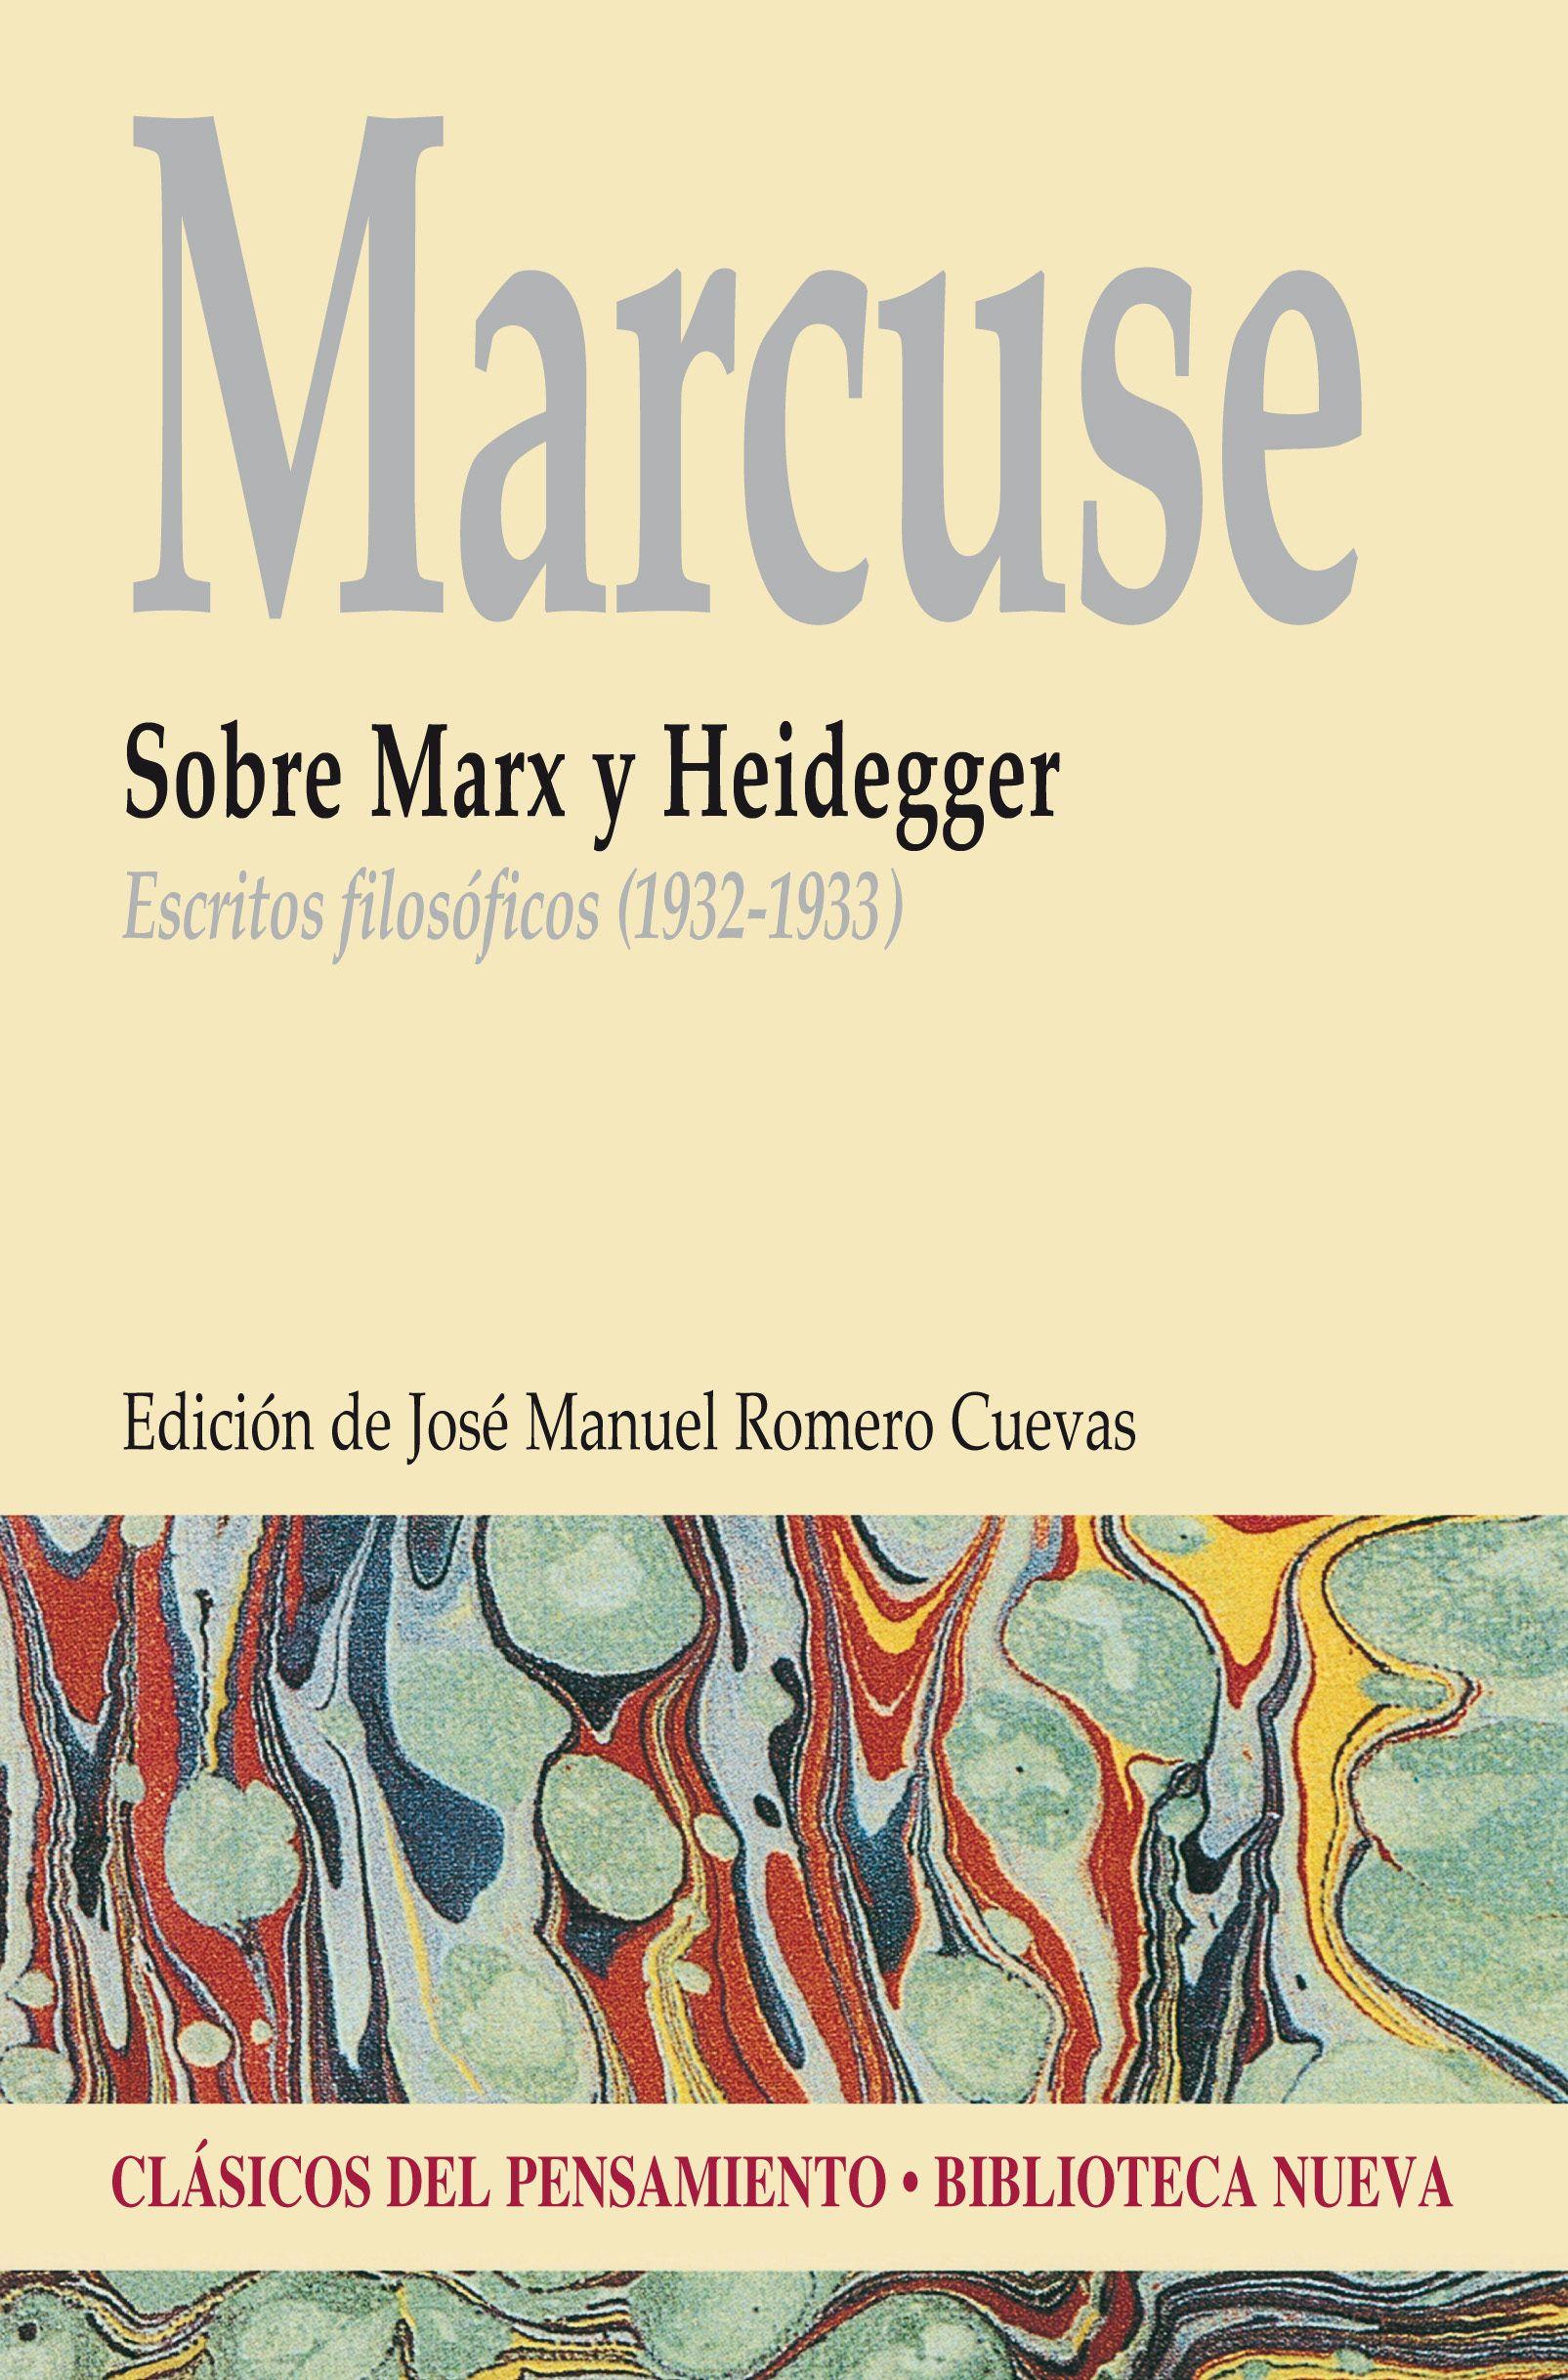 Sobre Marx y Heidegger : escritos filosóficos (1932-1933) / Herbert Marcuse ; Edición y tradución de José Manuel Romero Cuevas.  Editorial:Madrid : Biblioteca Nueva, 2016. http://absysnetweb.bbtk.ull.es/cgi-bin/abnetopac01?TITN=560678